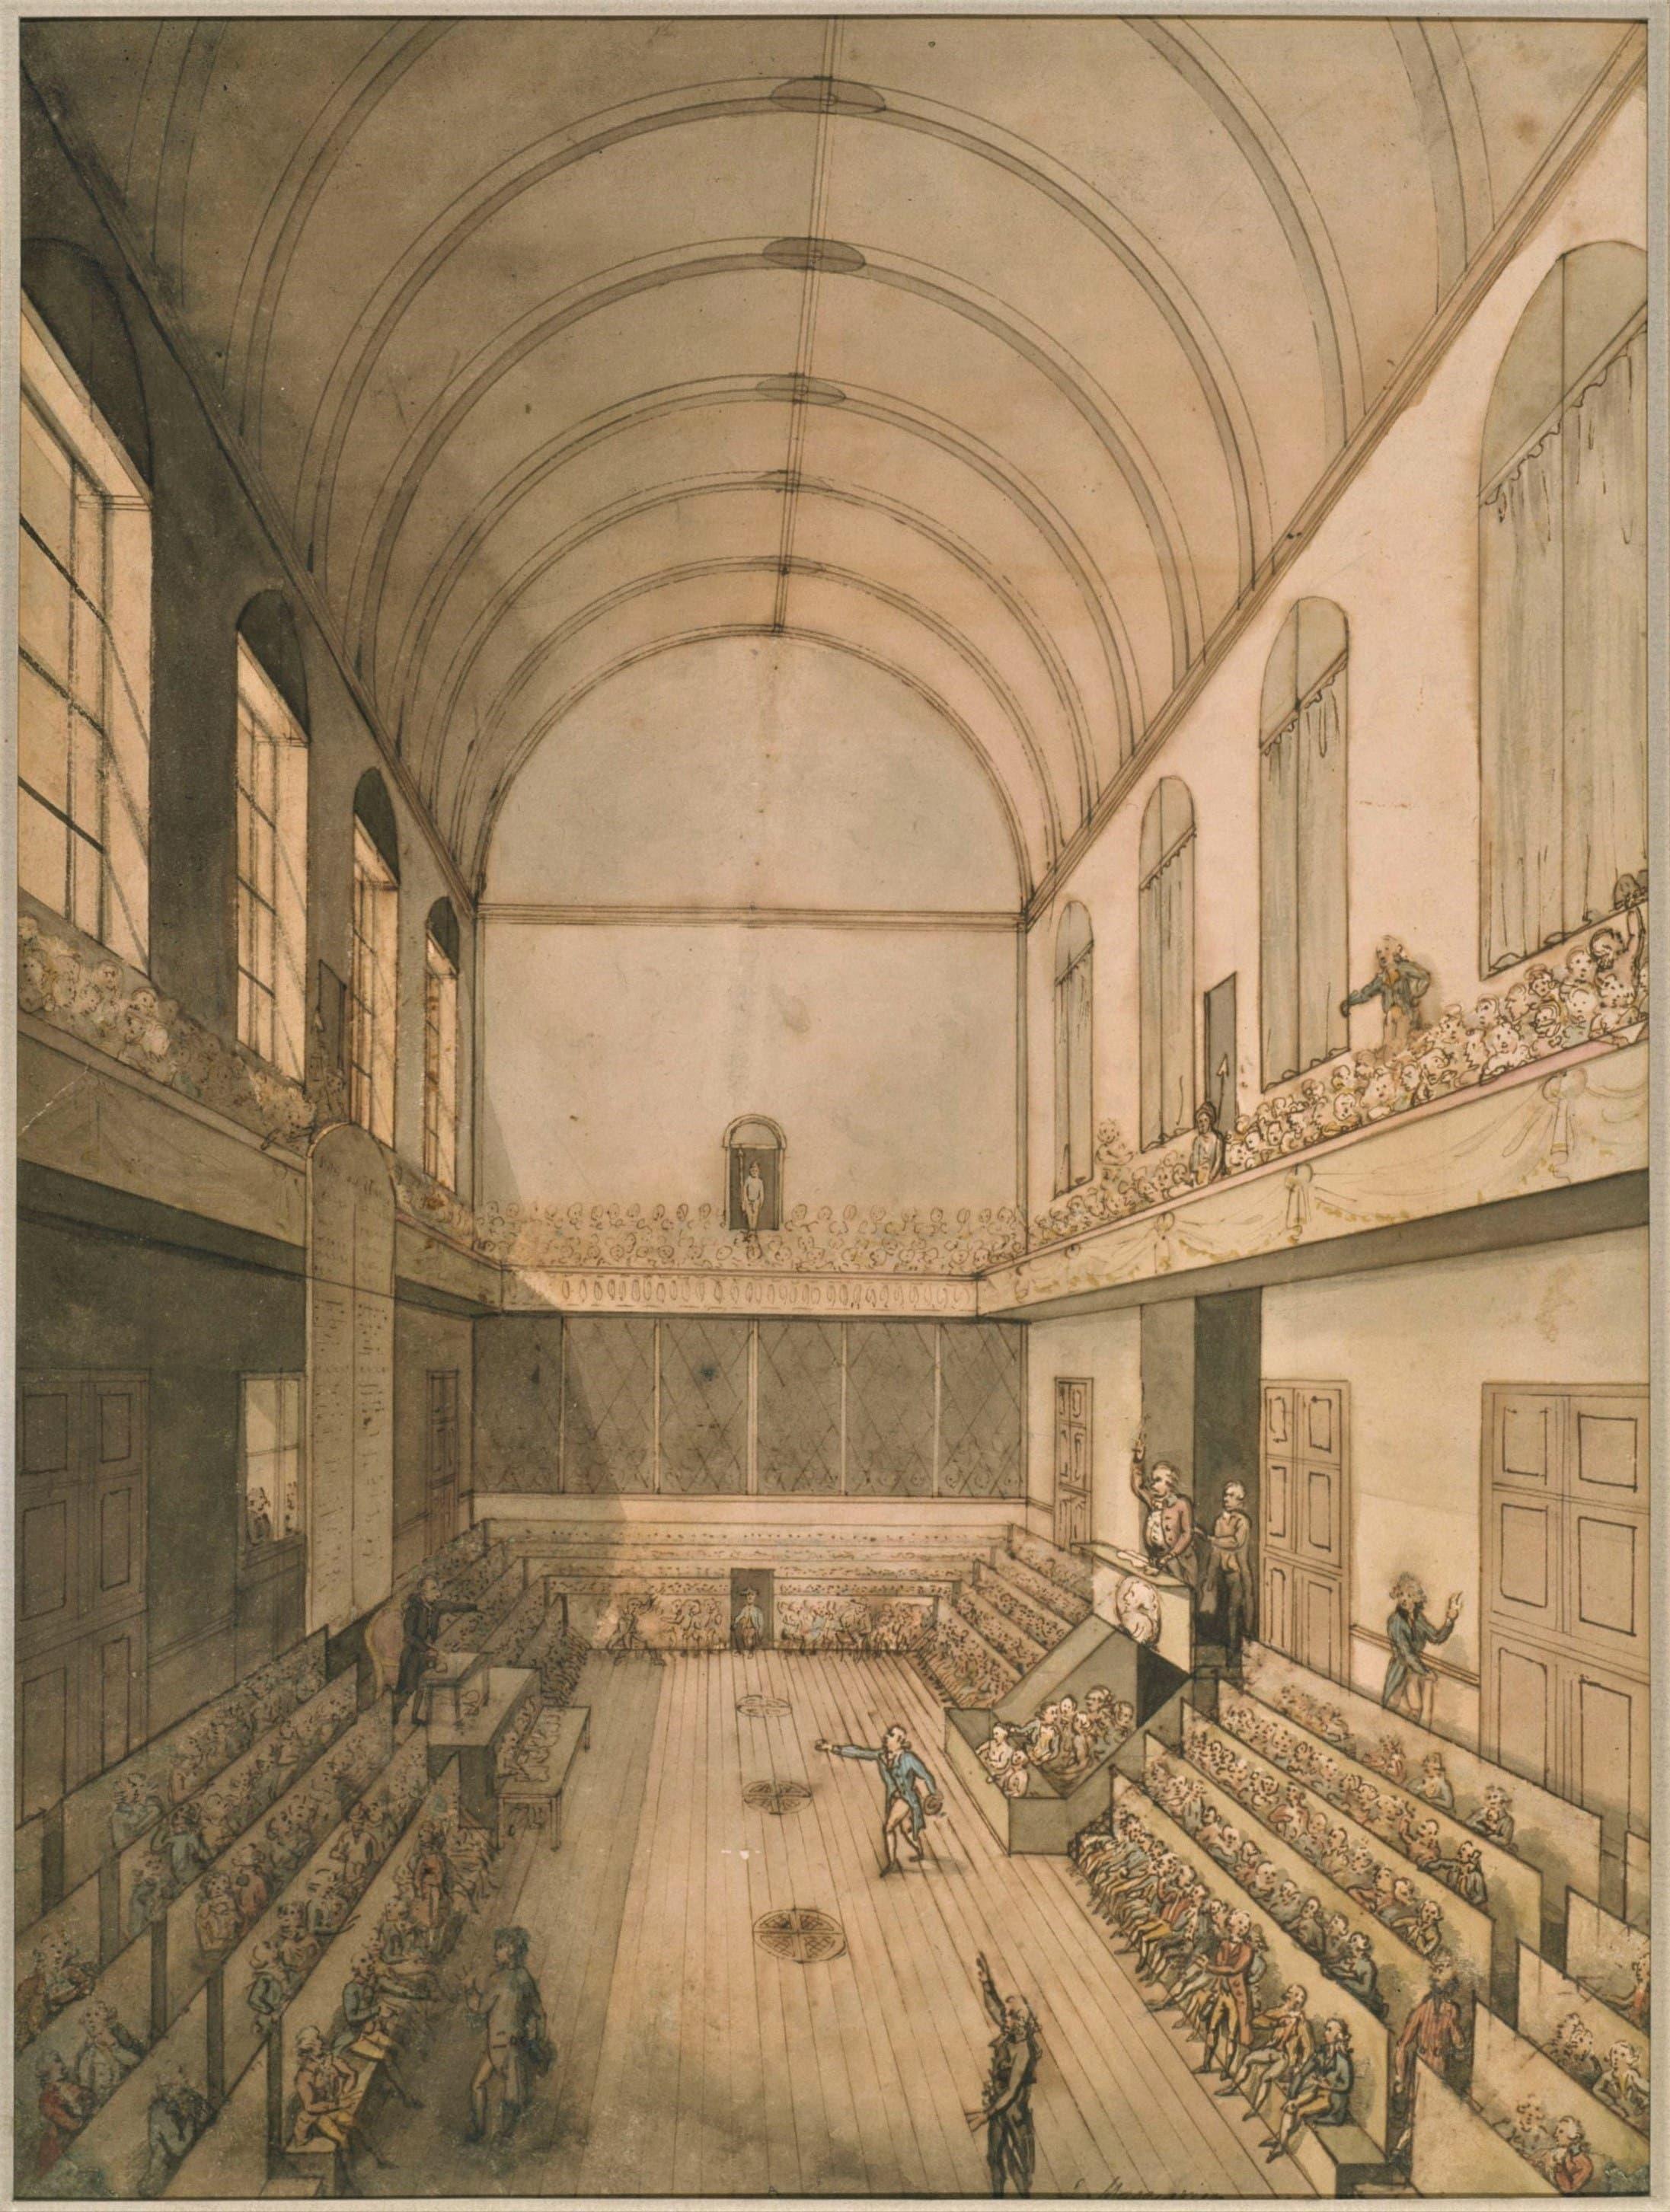 رسم تخيلي لاجتماع المجلس الوطني عام 1793